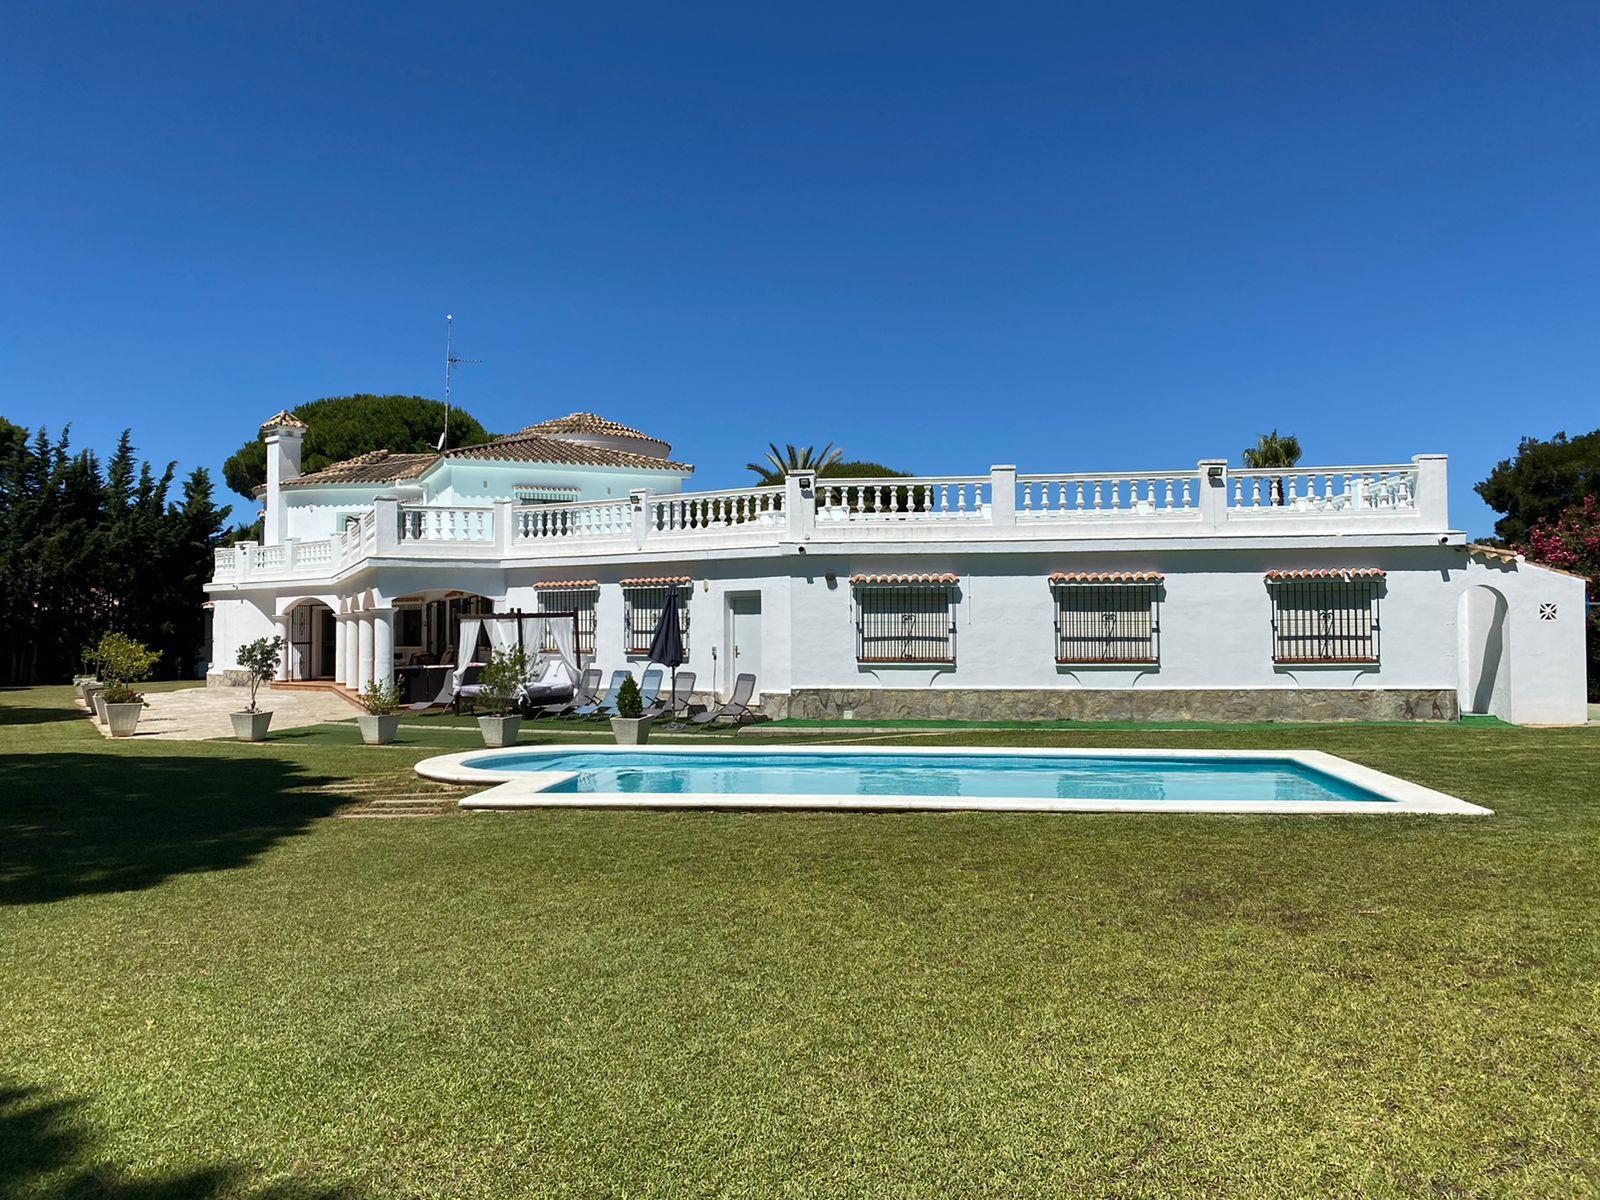 Las Palmeras,Villa grande y clásica en Chiclana de la Frontera, Andalucía, España  con piscina privada para 10 personas.....